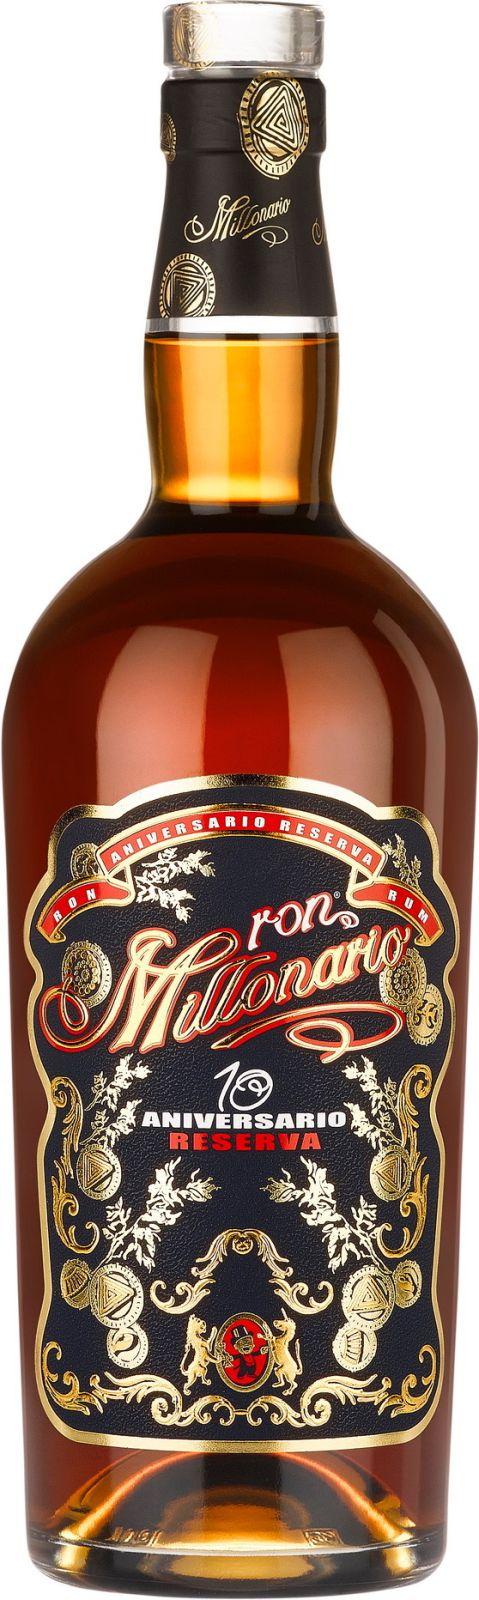 Millonario 10 Aniversario Reserva Rum, 40%, 0,7l